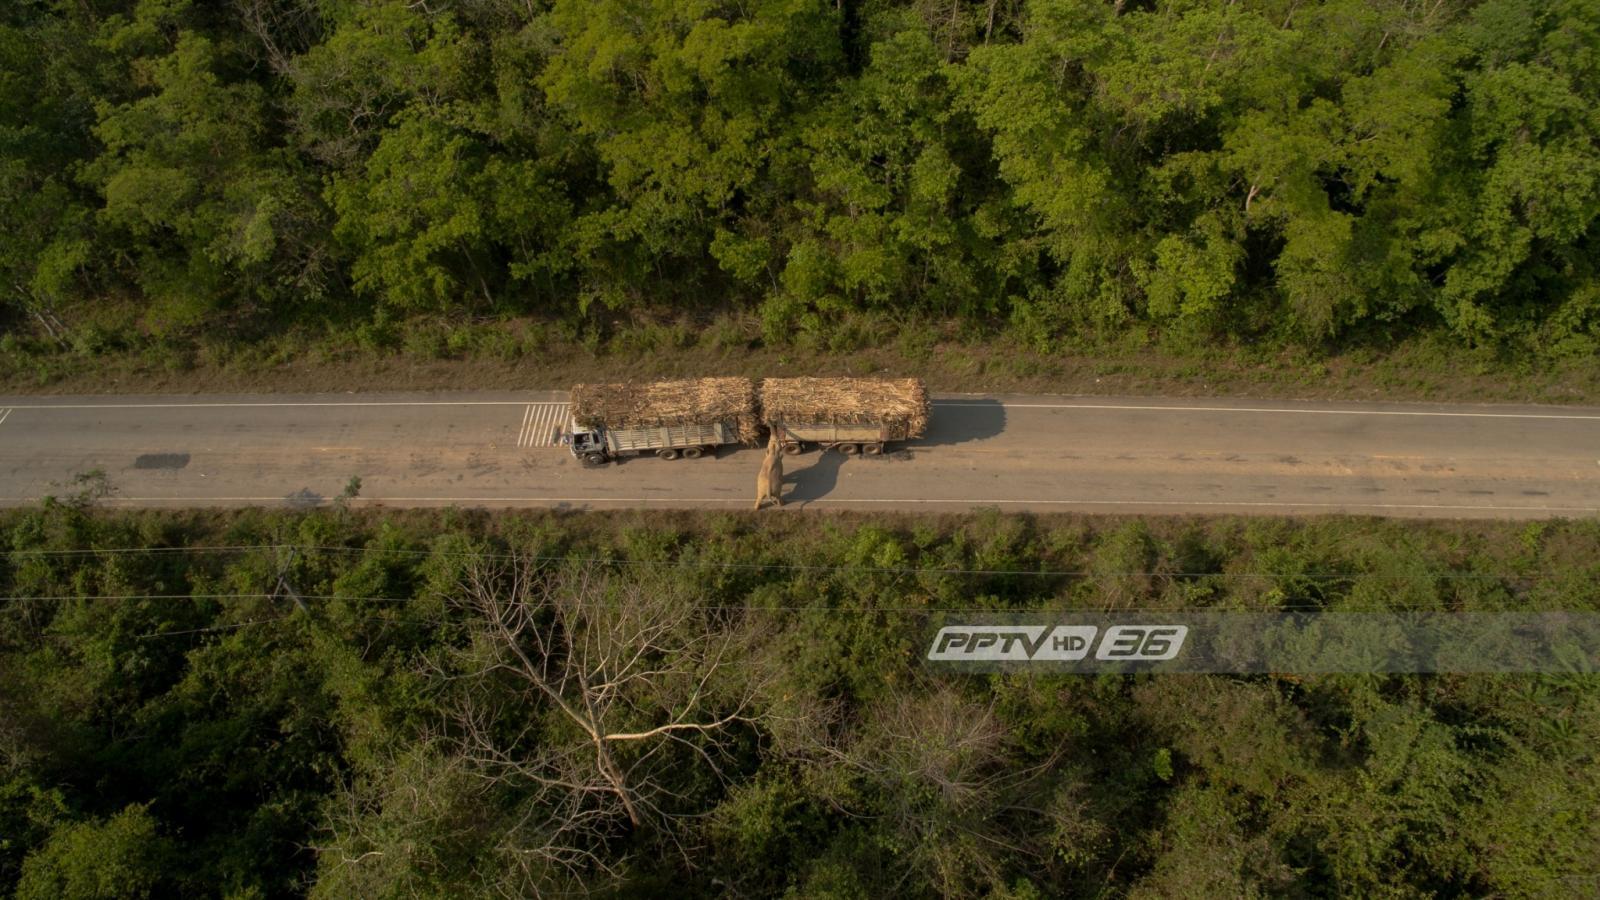 ตำรวจแจ้งข้อหาคนขับรถกระบะชนช้างป่าเขาอ่างฤาไนฐานขับรถโดยประมาท